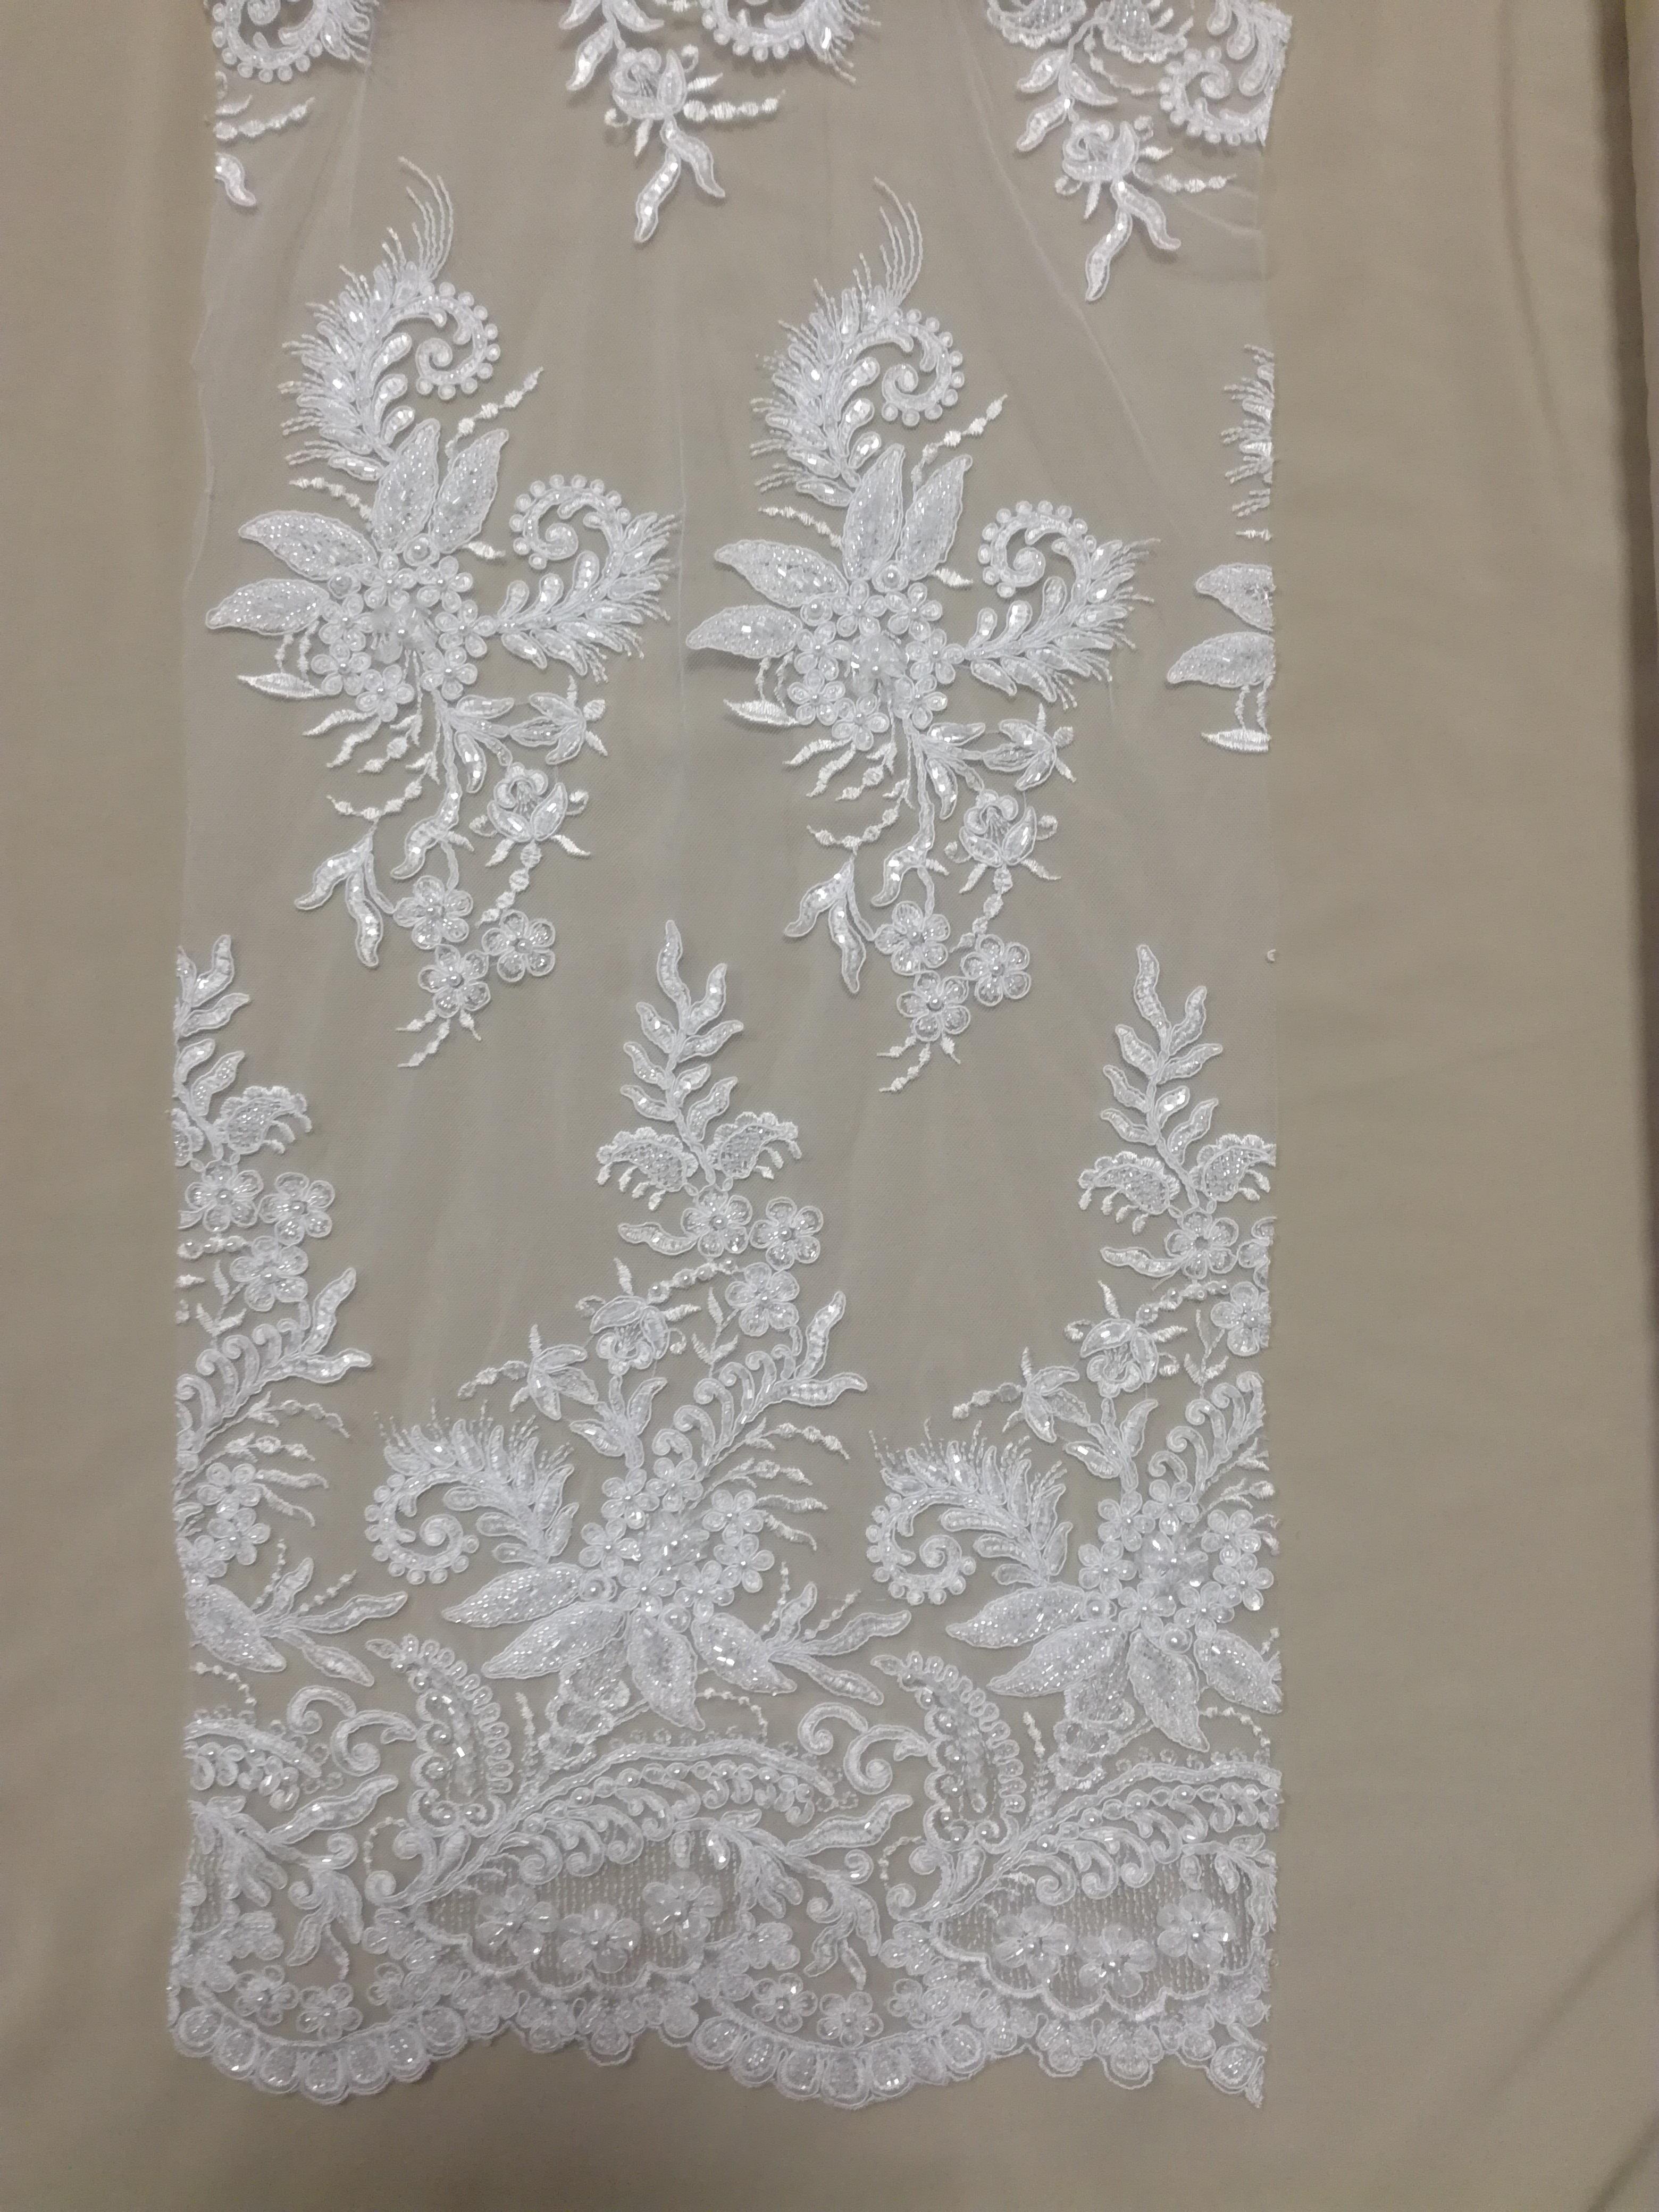 61a76efce7 Esküvői csipke gyöngyökkel (fehér és ekrü)